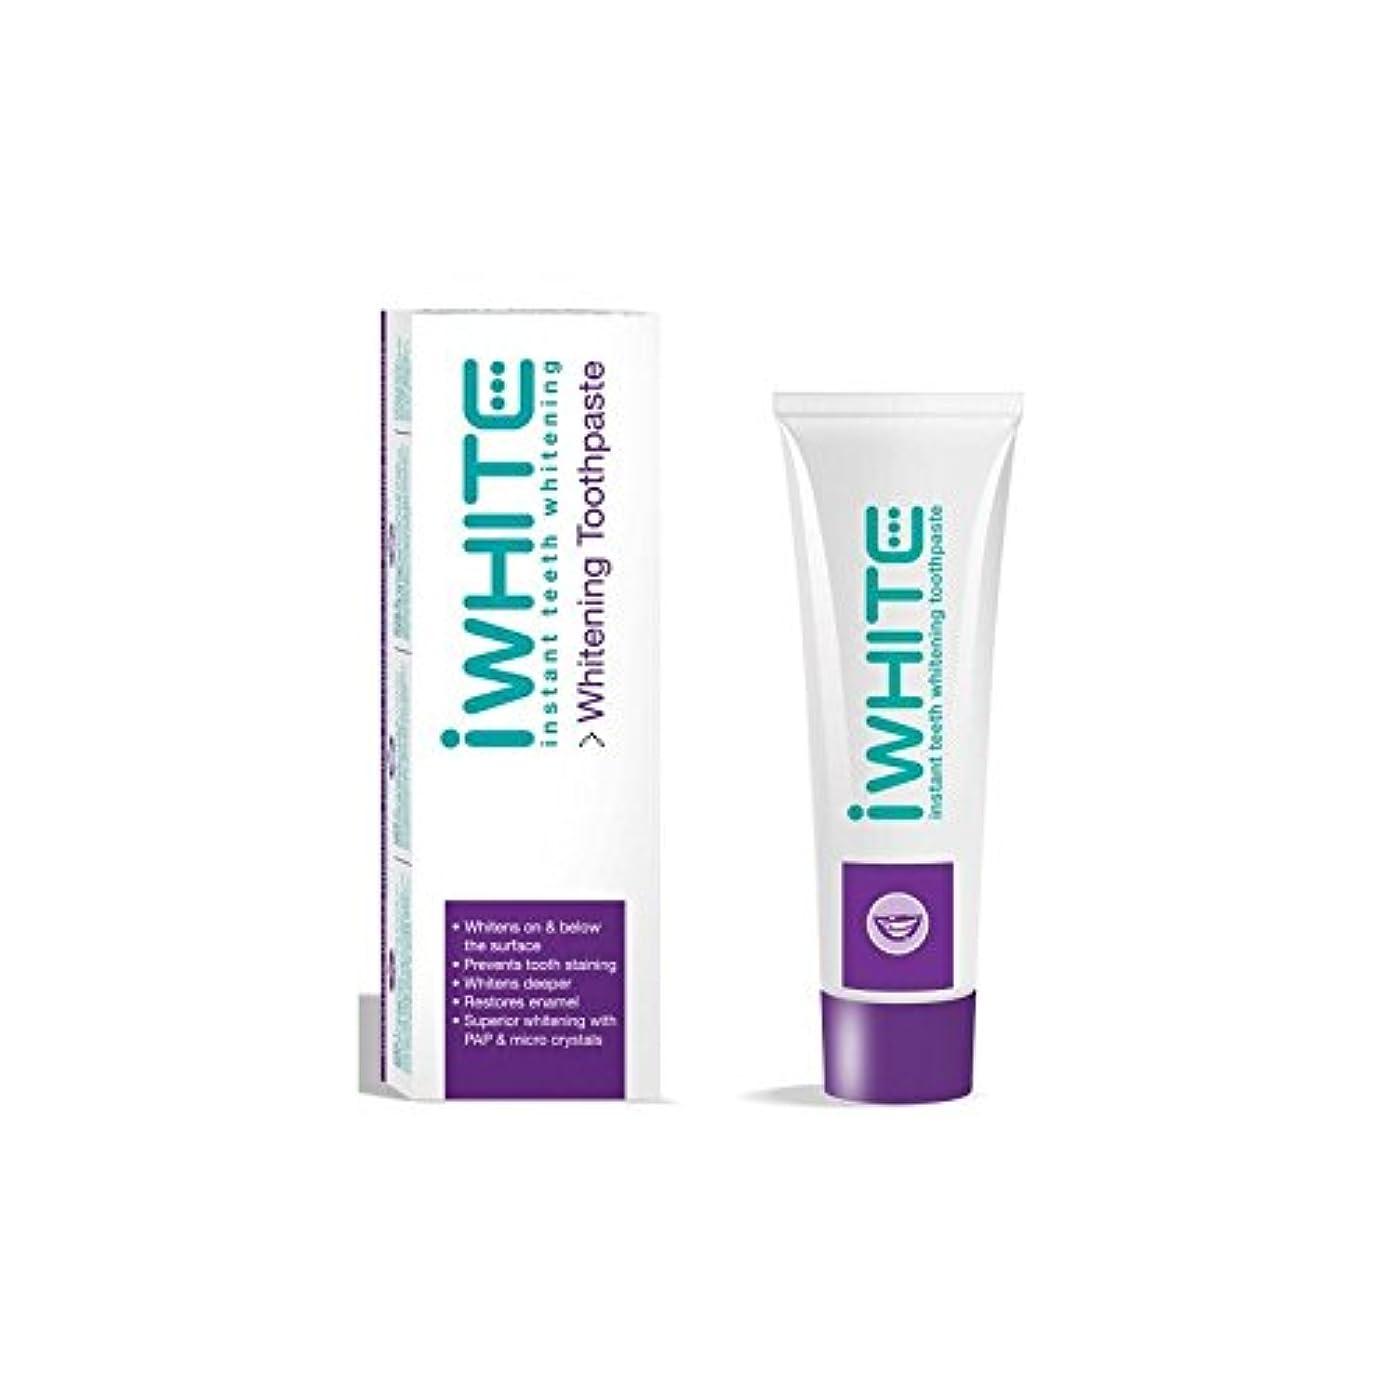 深める建築送金歯磨き粉を白くインスタント歯(75ミリリットル) x4 - iWhite Instant Teeth Whitening Toothpaste (75ml) (Pack of 4) [並行輸入品]